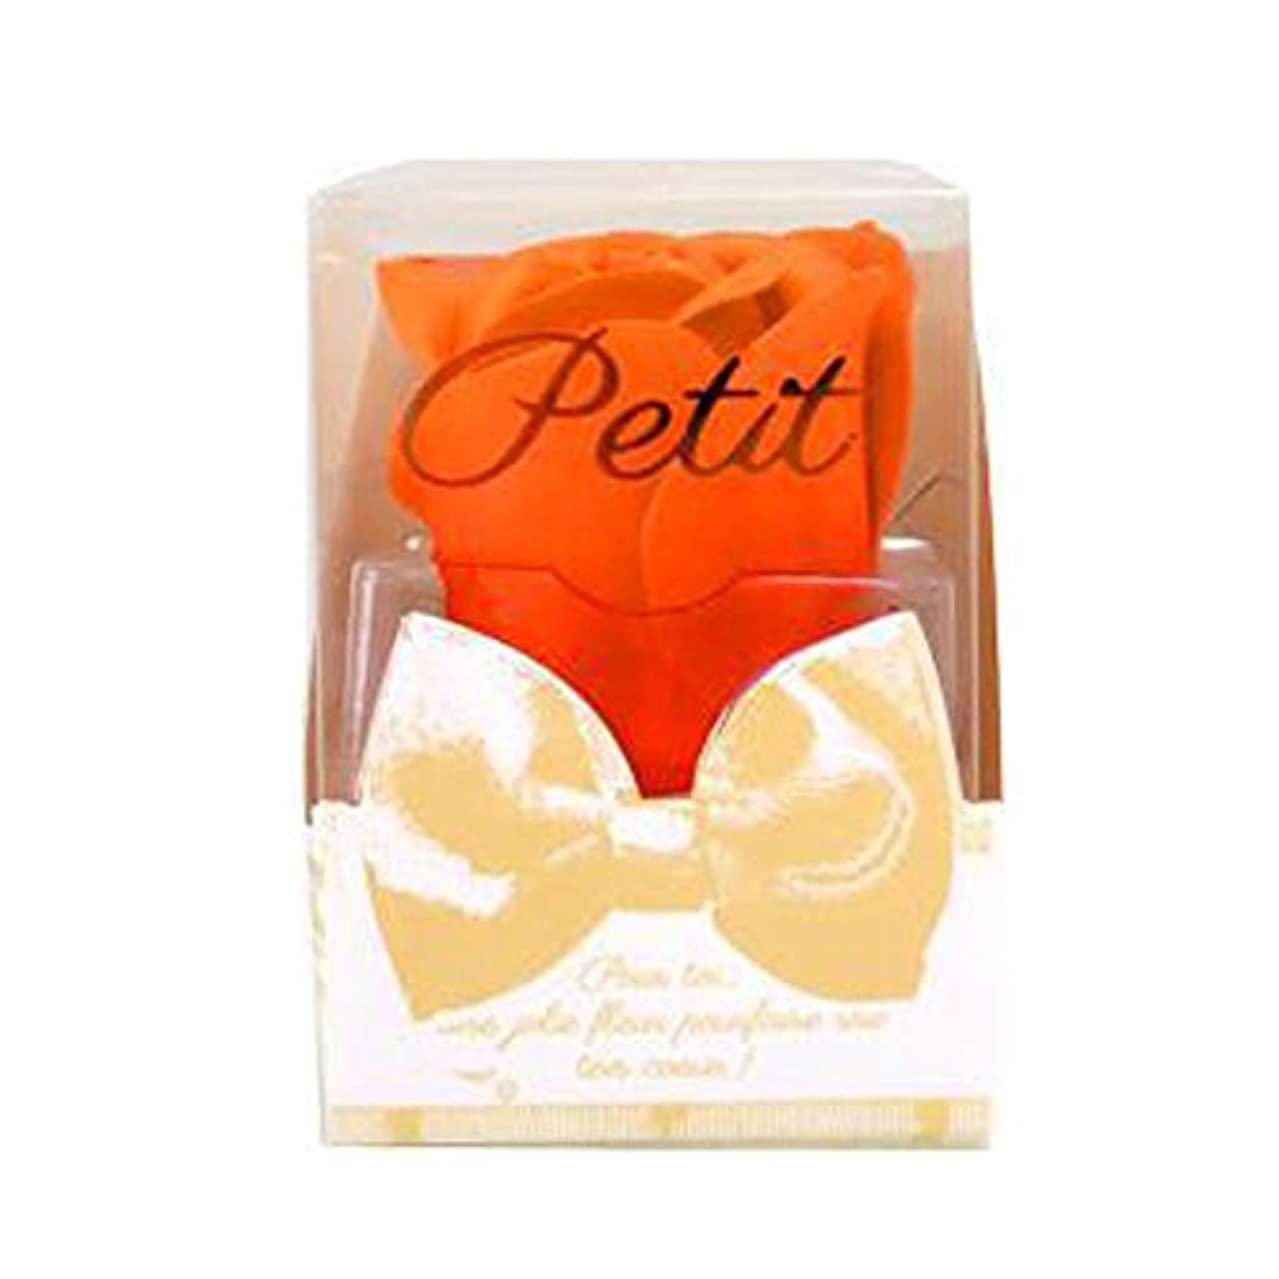 めまいが仕事アドバイス入浴剤 バスフレグランス Petit(プッチ) オレンジ